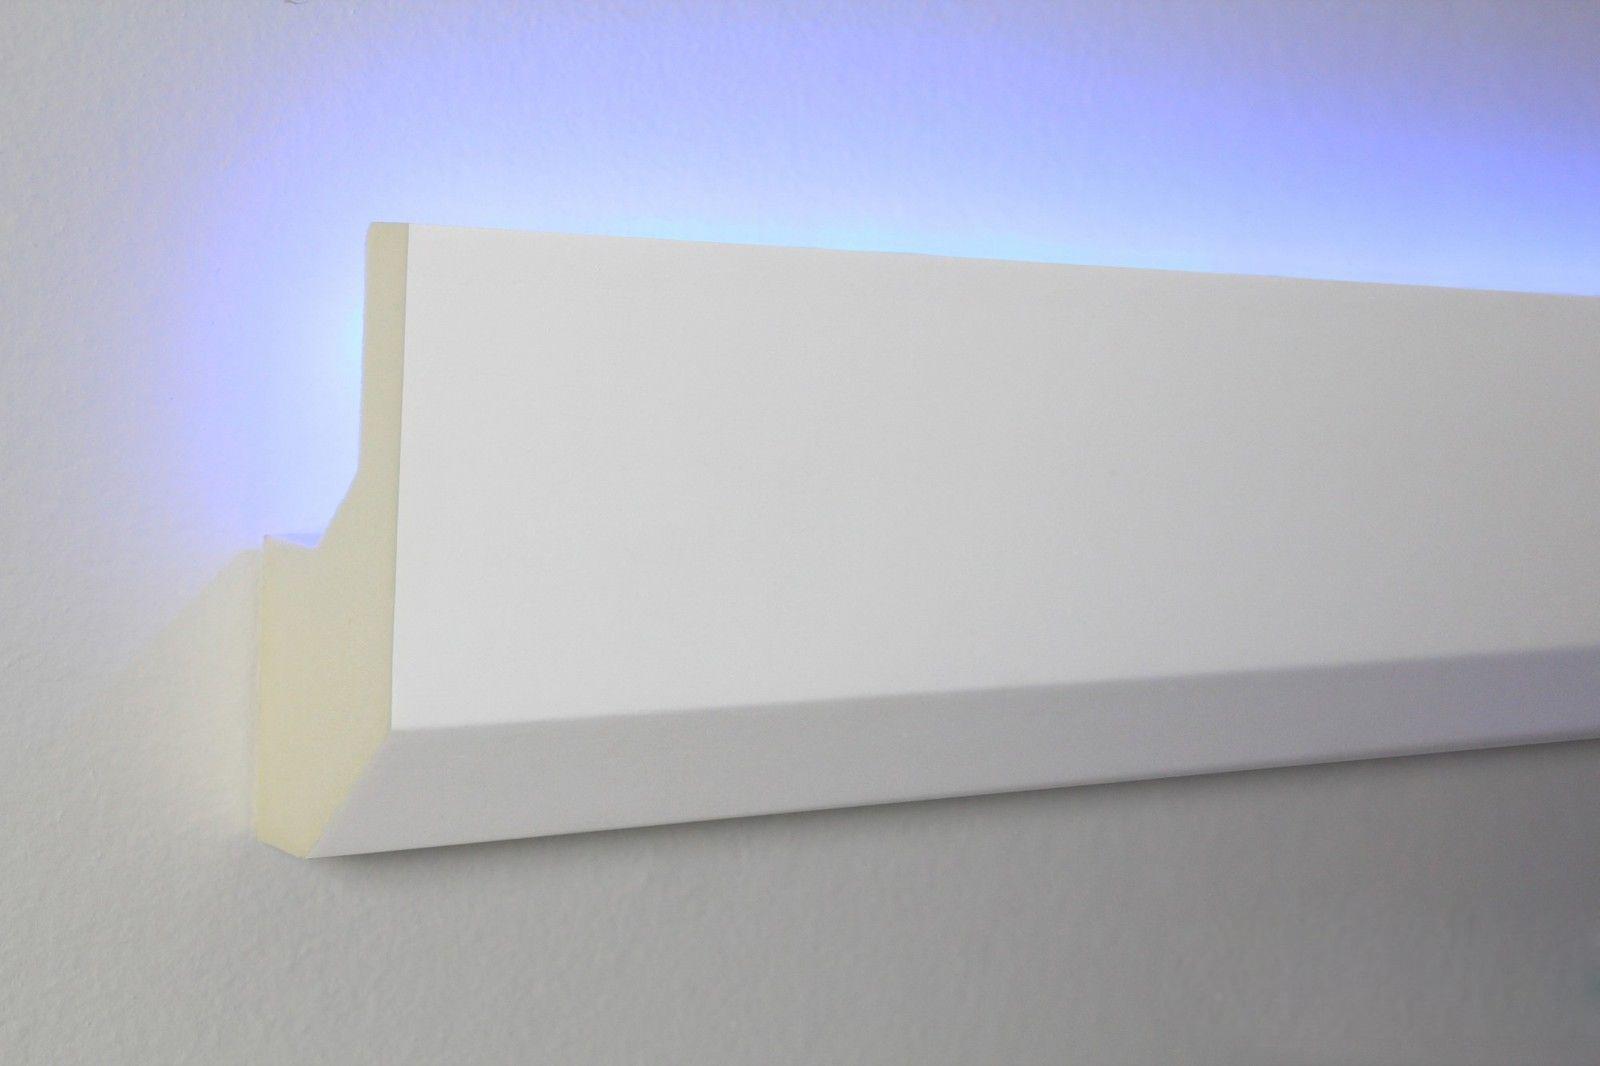 2 meter led profil pu stuckleiste für indirekte beleuchtung, Wohnzimmer dekoo